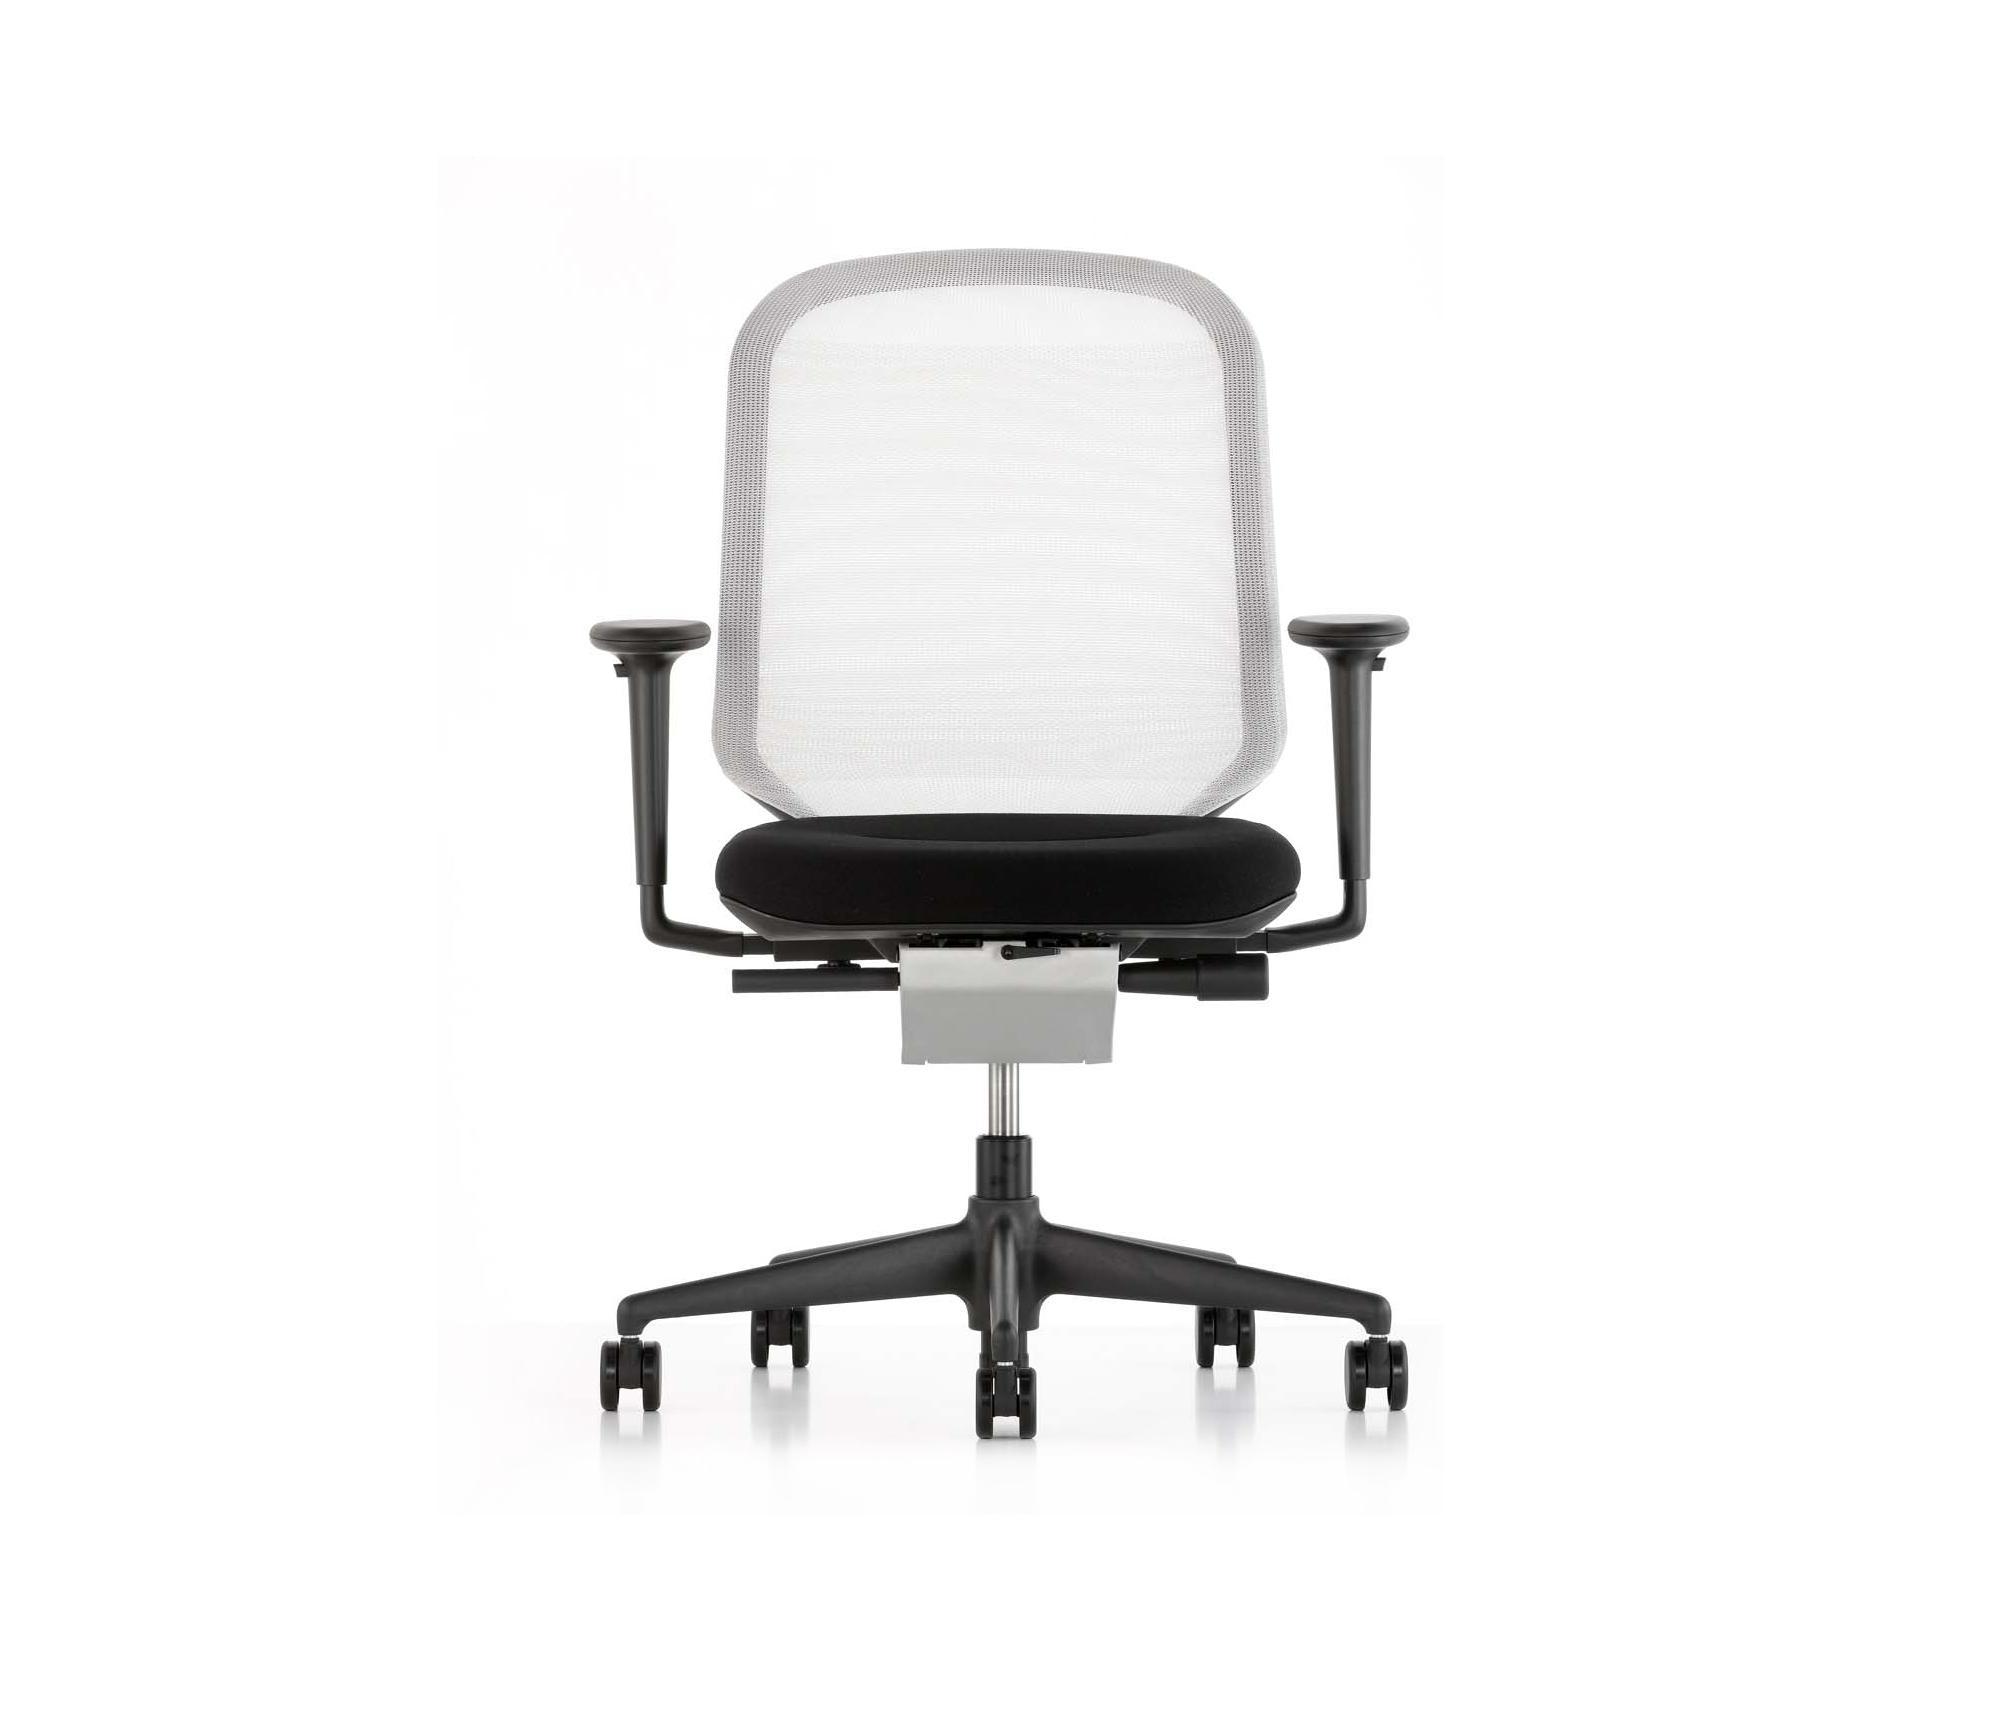 medapal chaises de travail de vitra architonic. Black Bedroom Furniture Sets. Home Design Ideas